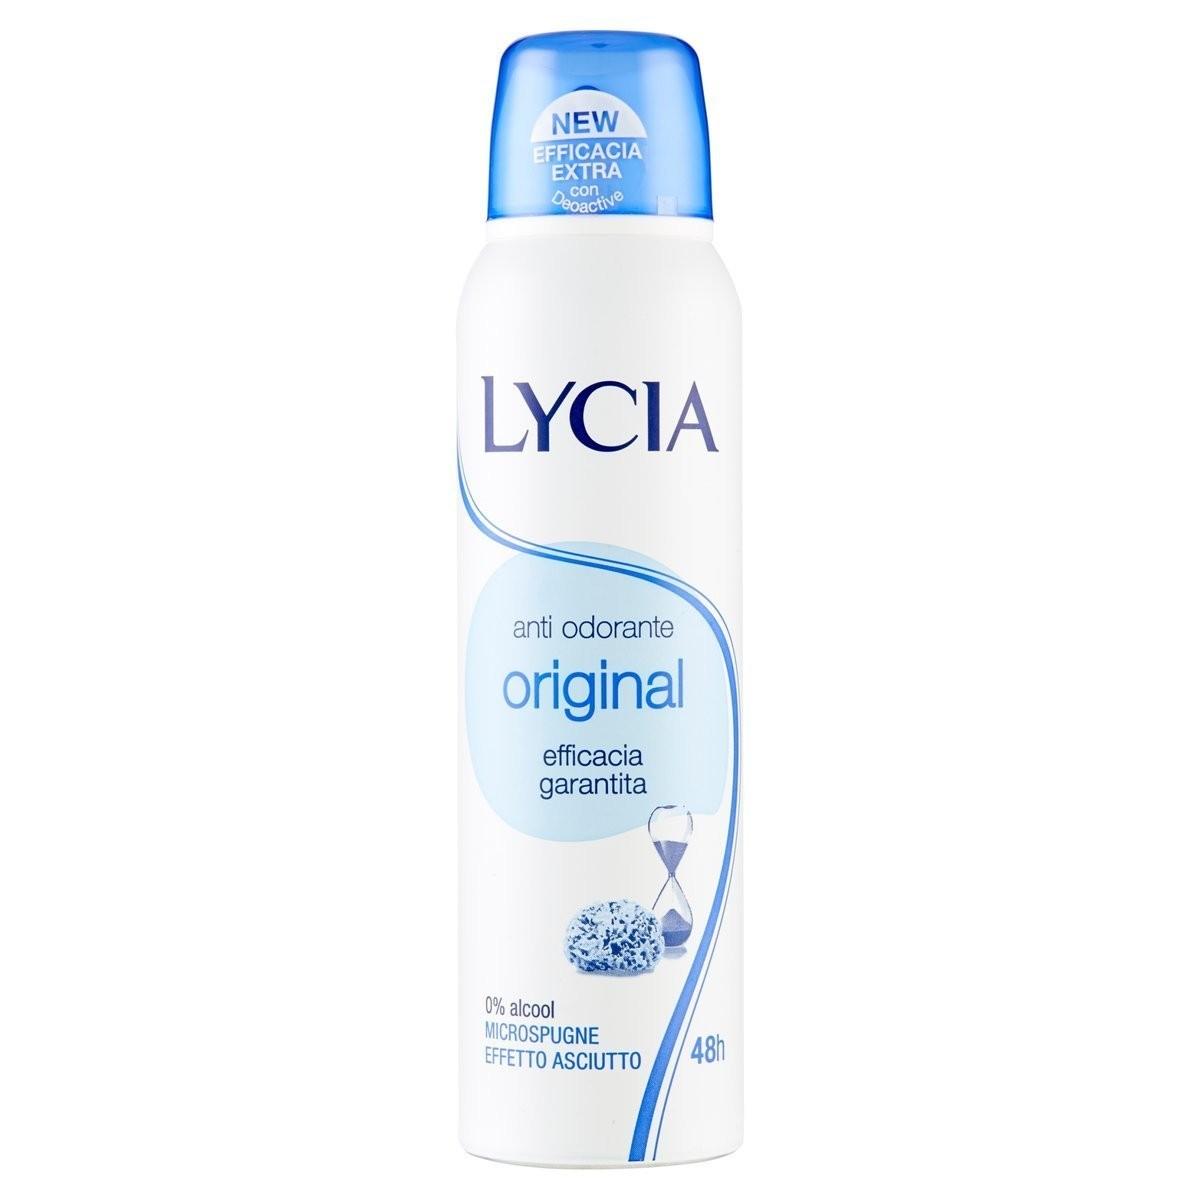 Lycia Deodorante spray Original